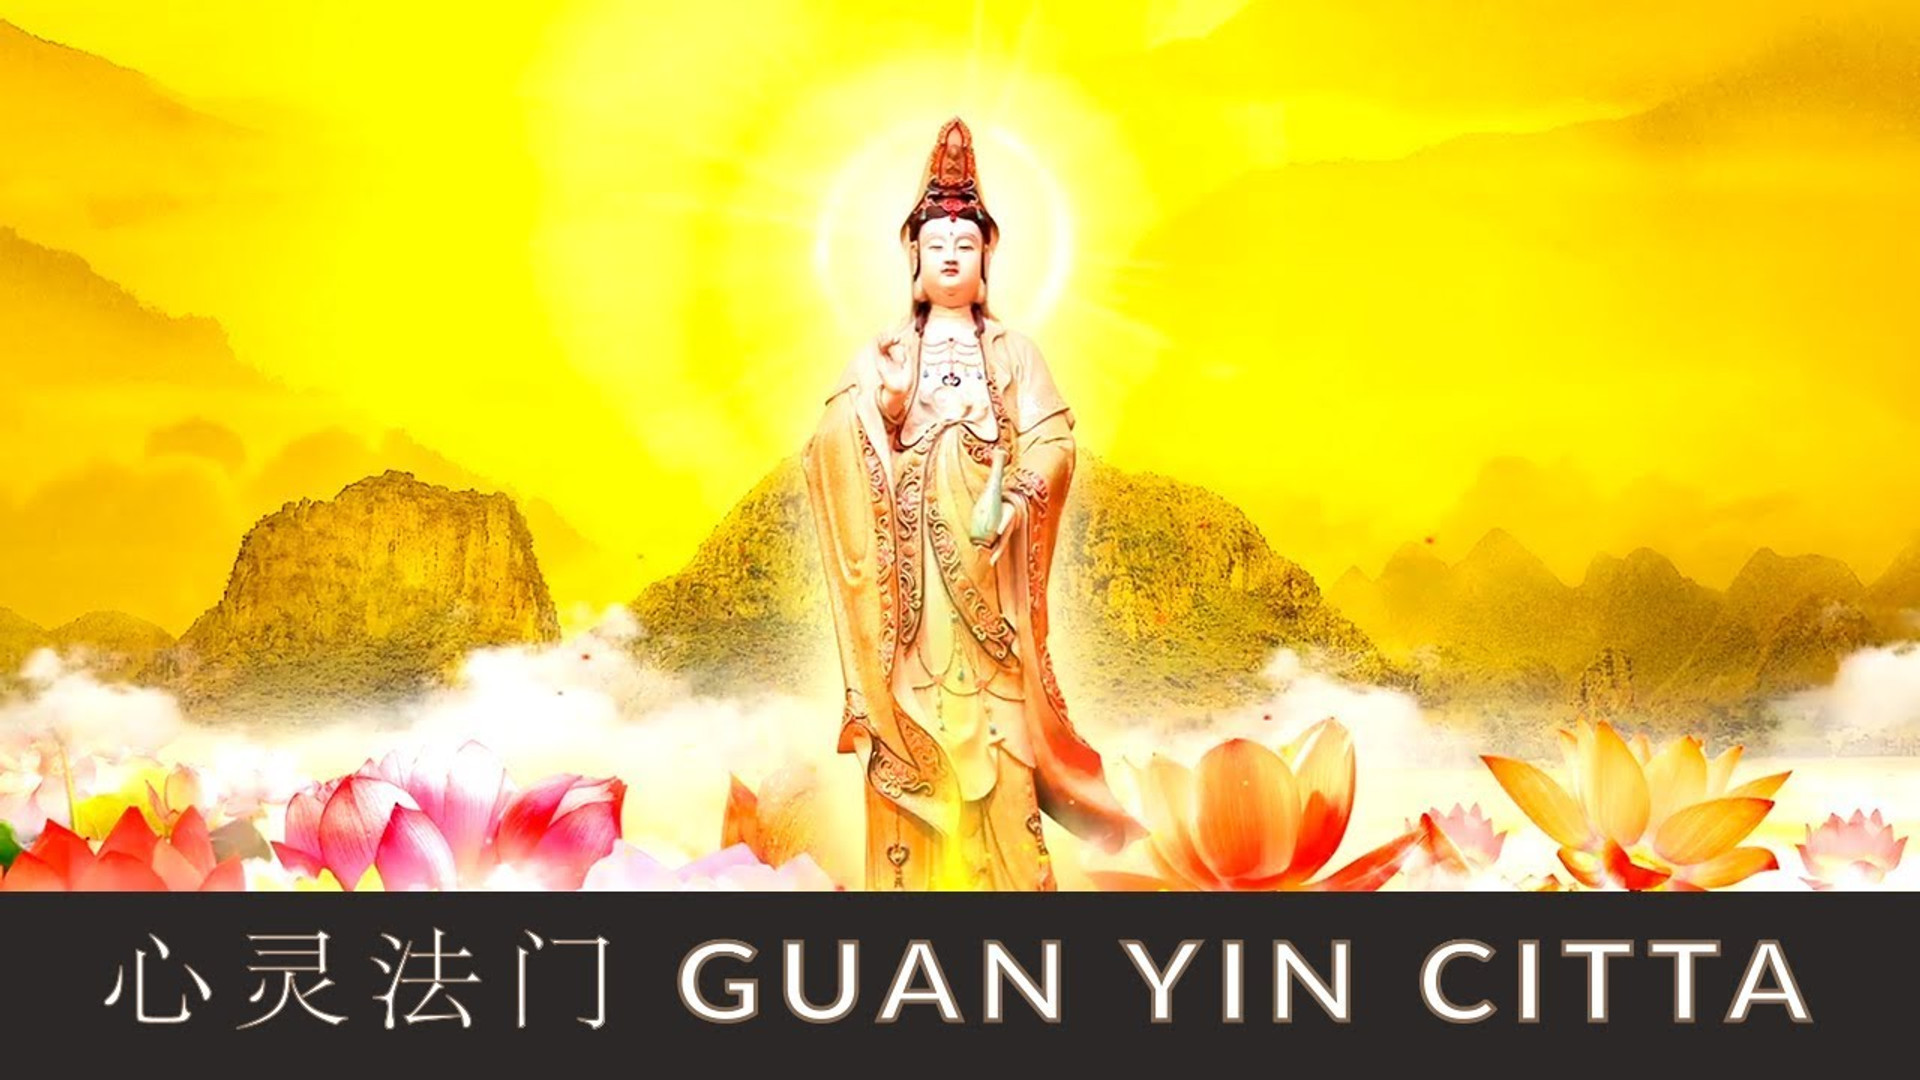 Introduction Video to Guan Yin Citta